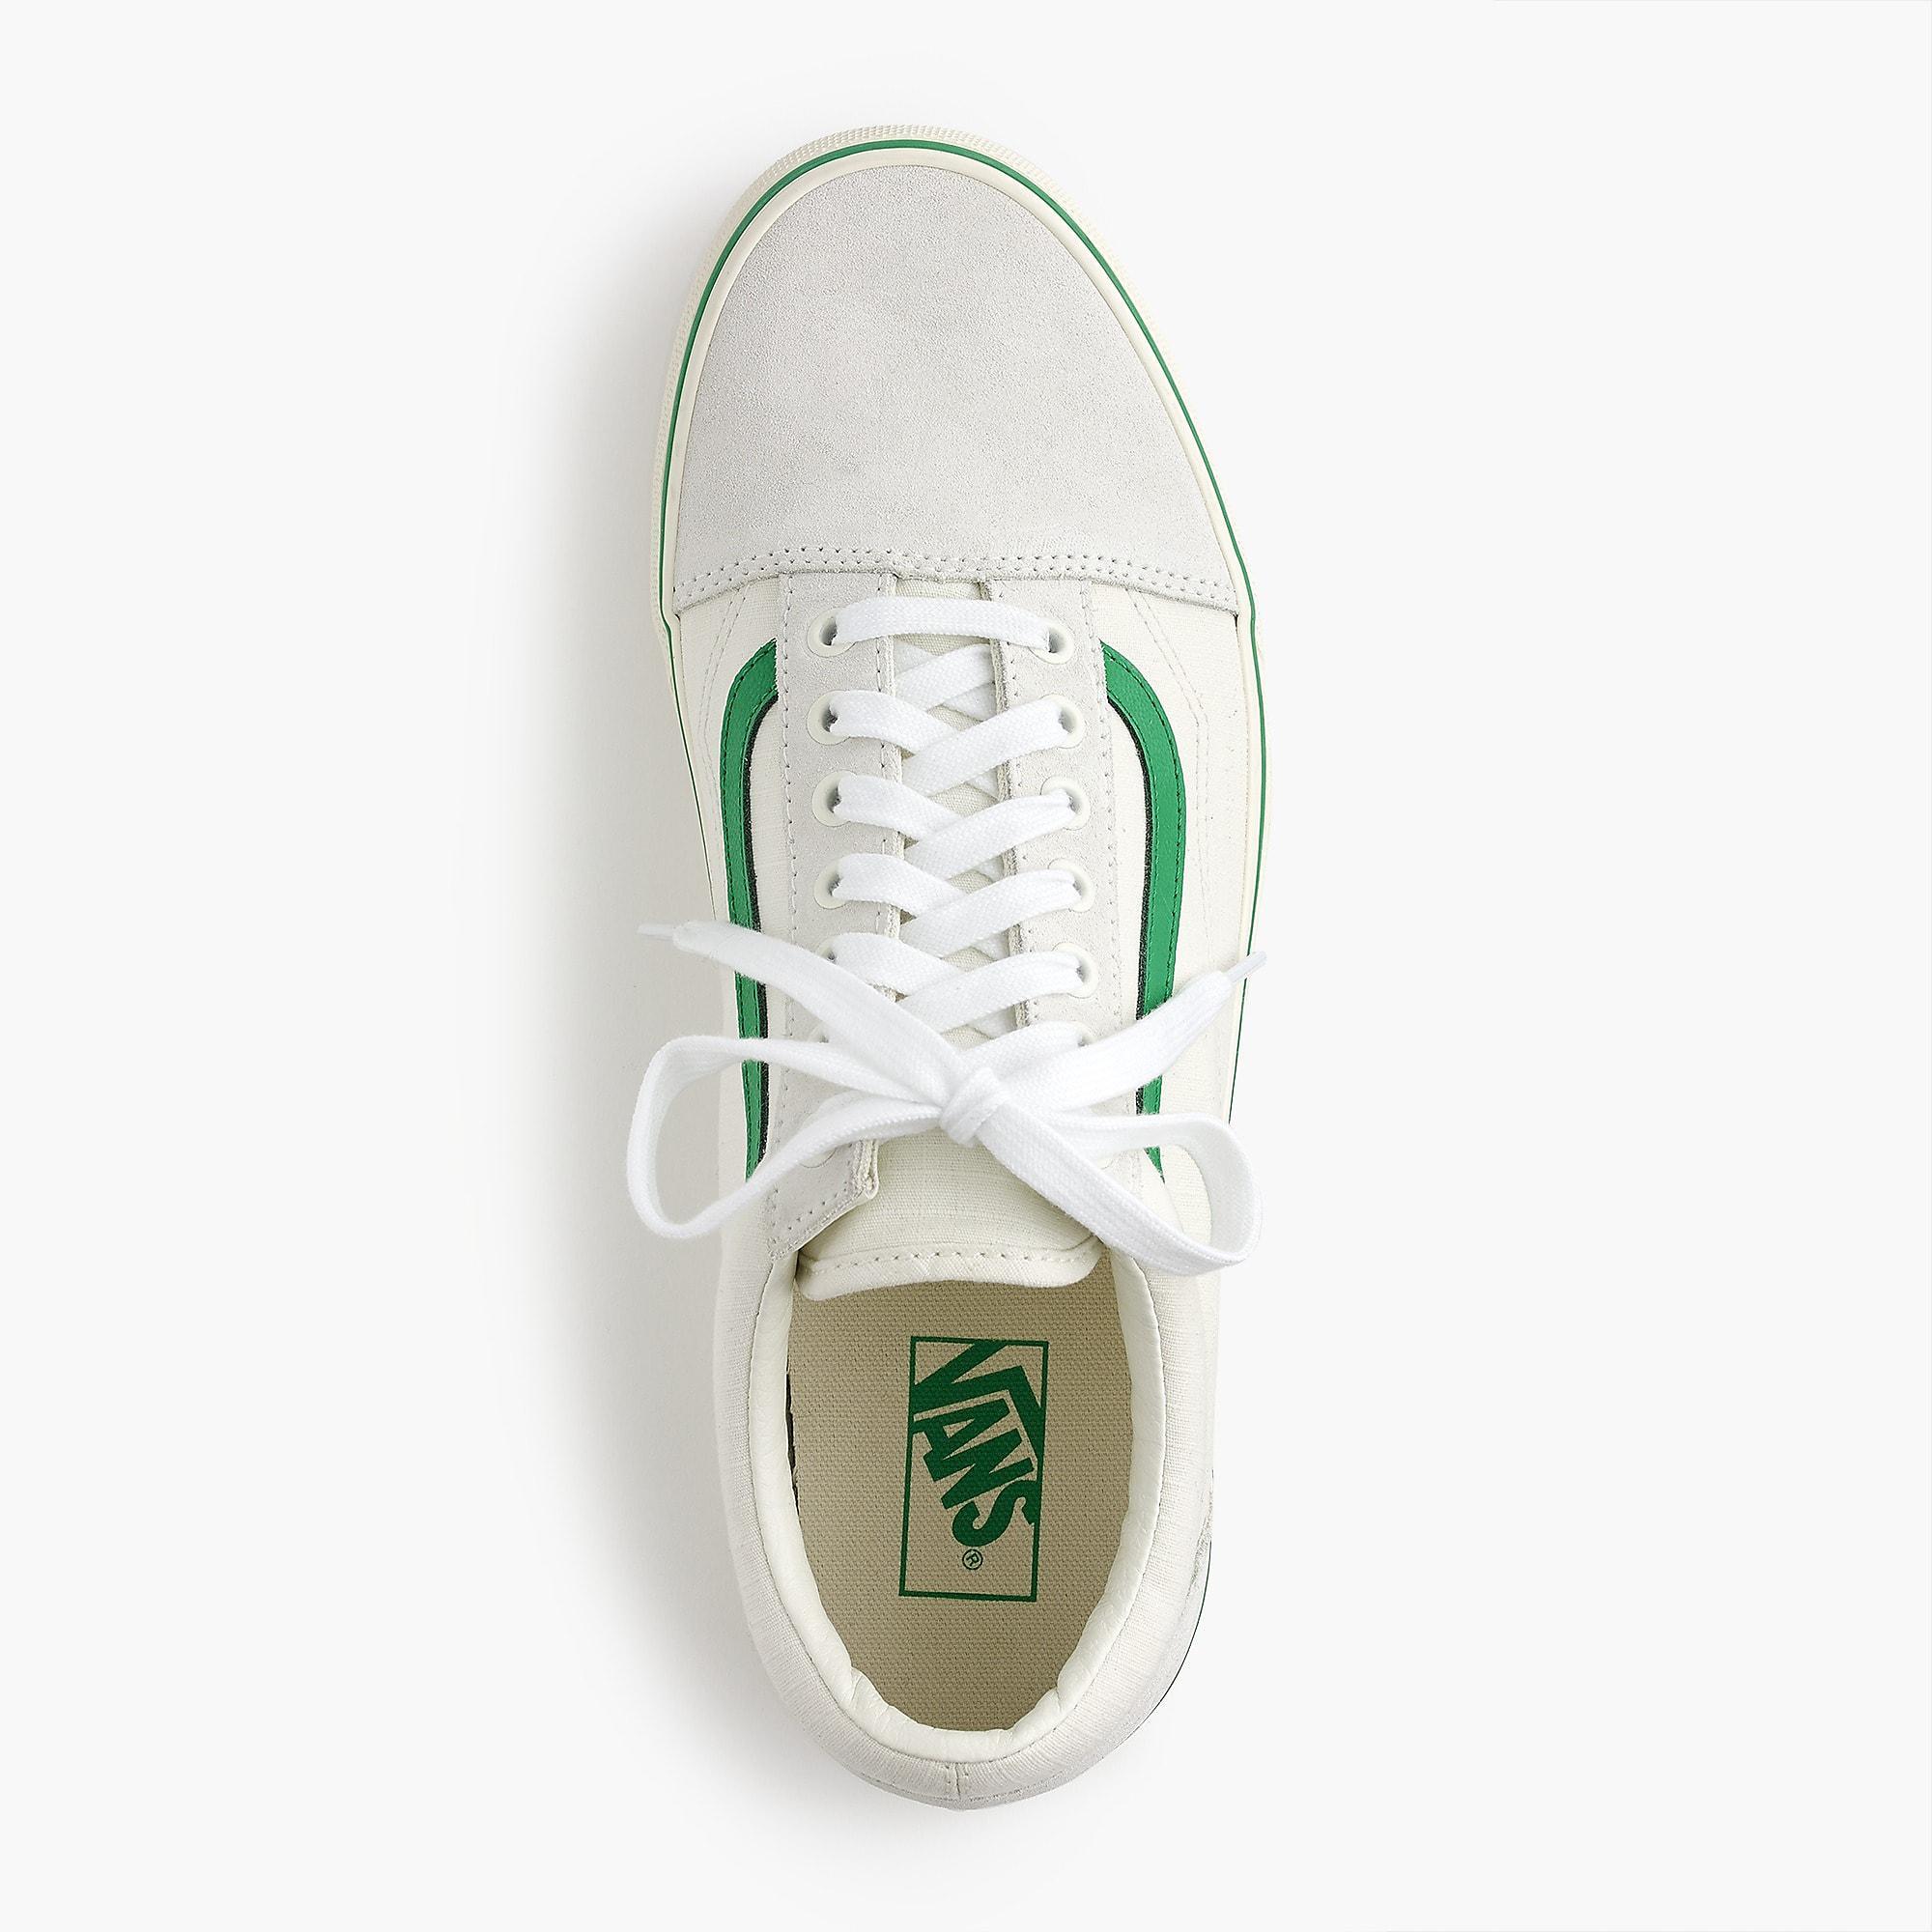 55de9fa0cd18 Lyst - Vans Old Skool Sneakers In Ripstop Cotton in Green for Men